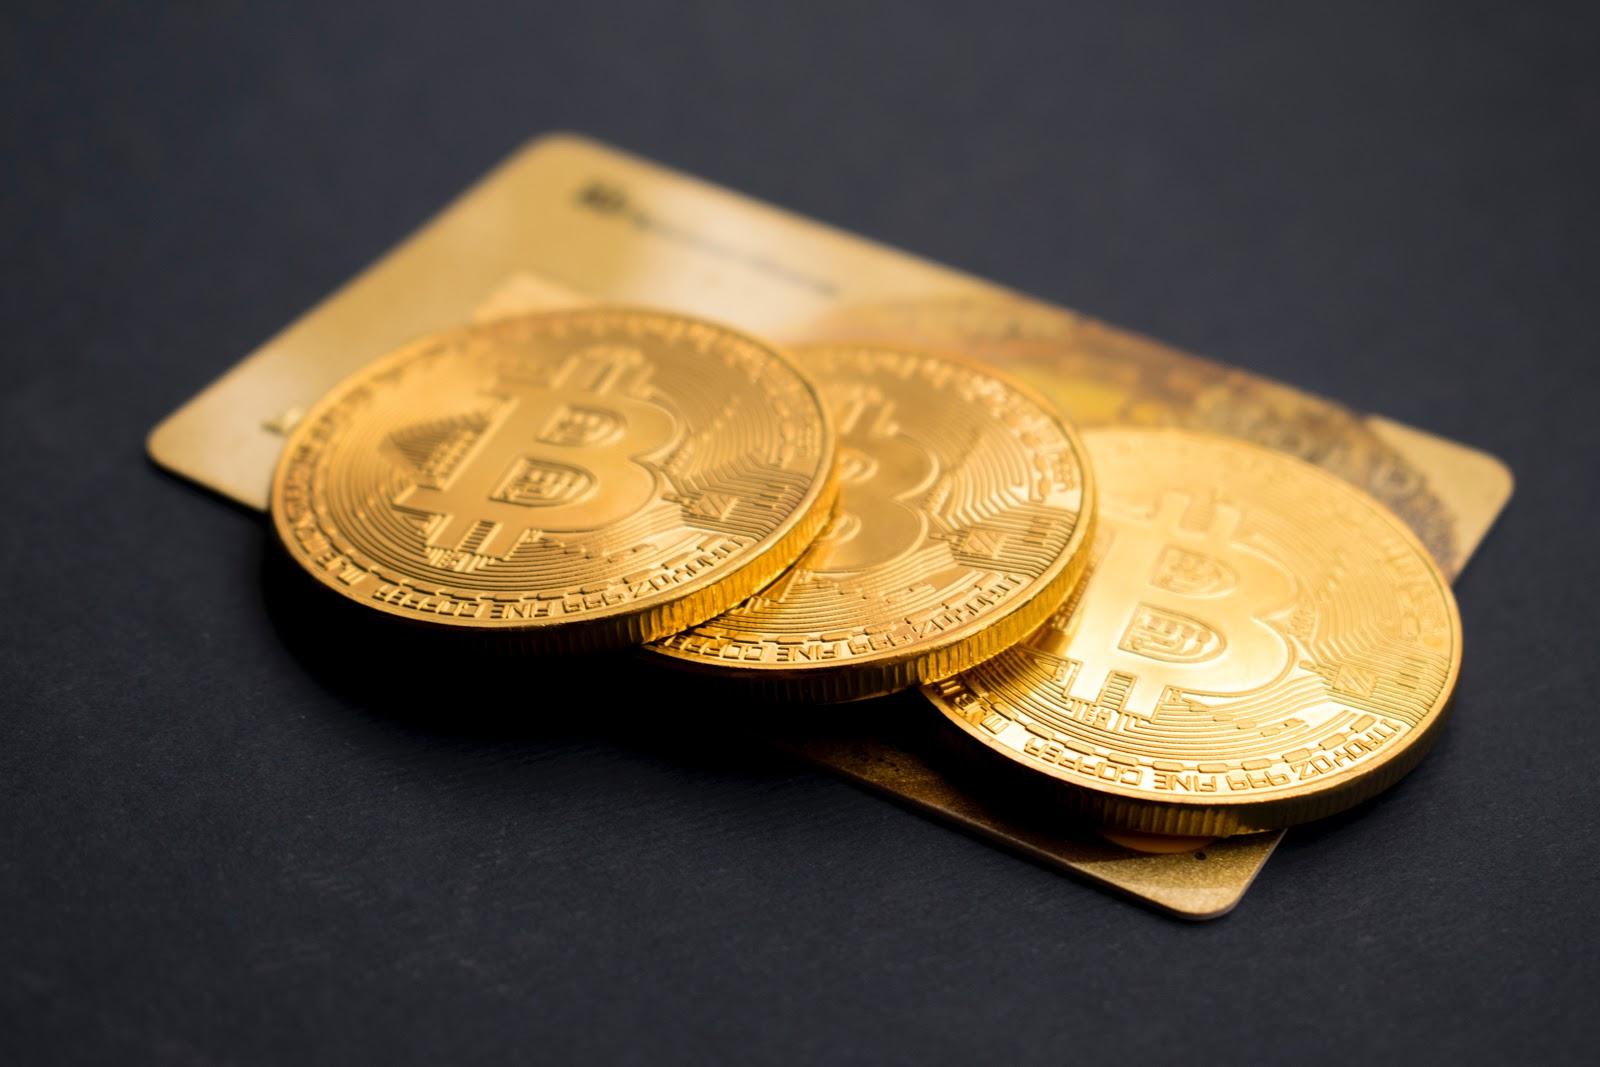 Moedas de Bitcoin sobre um cartão de crédito.